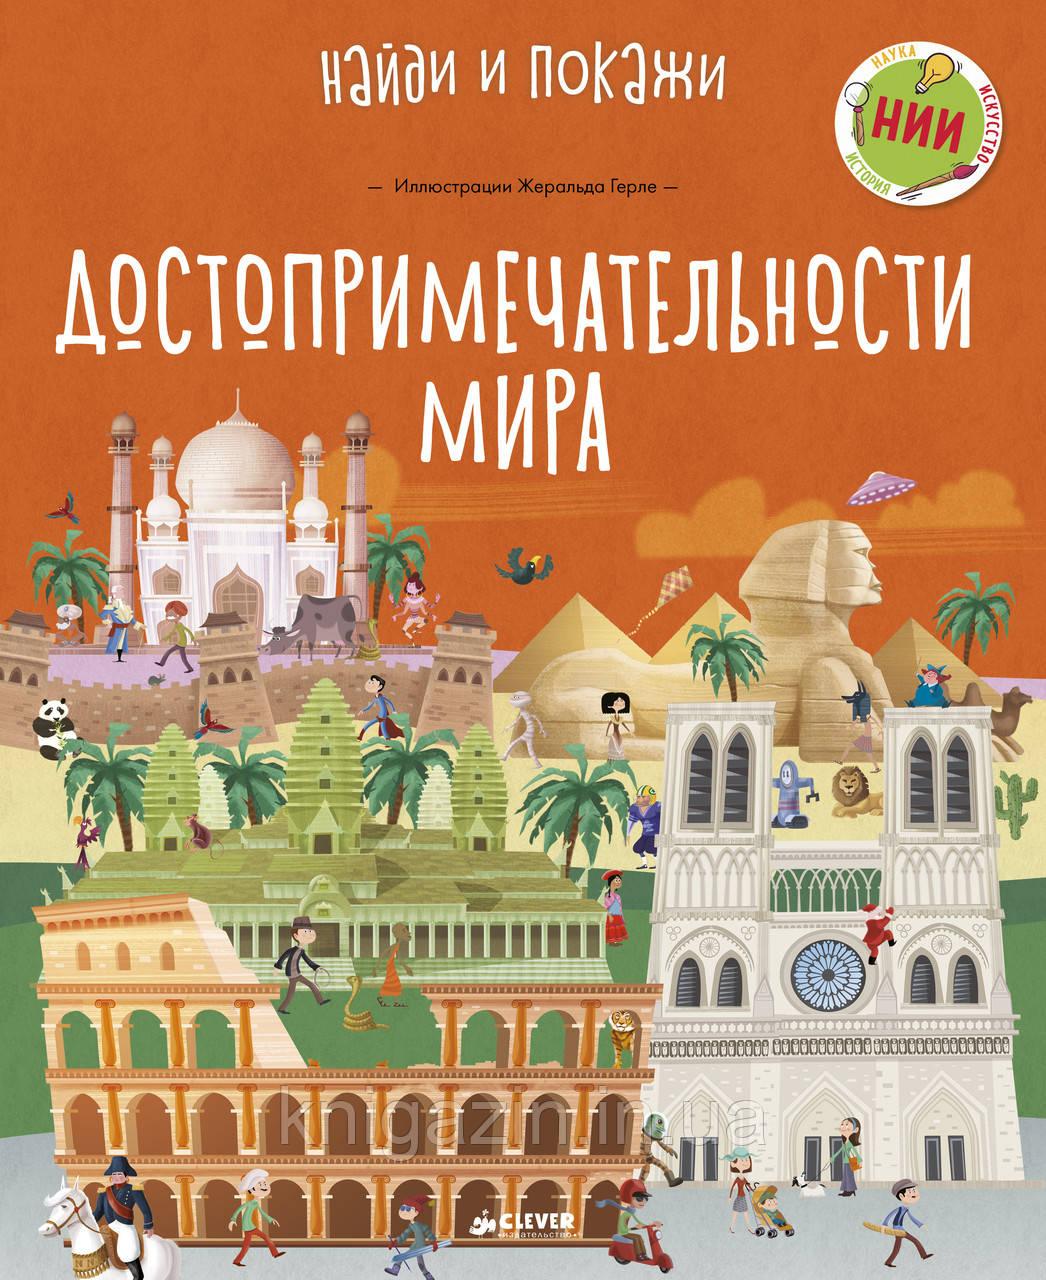 Детская книга Найди и покажи Достопримечательности мира Для детей от 5 лет